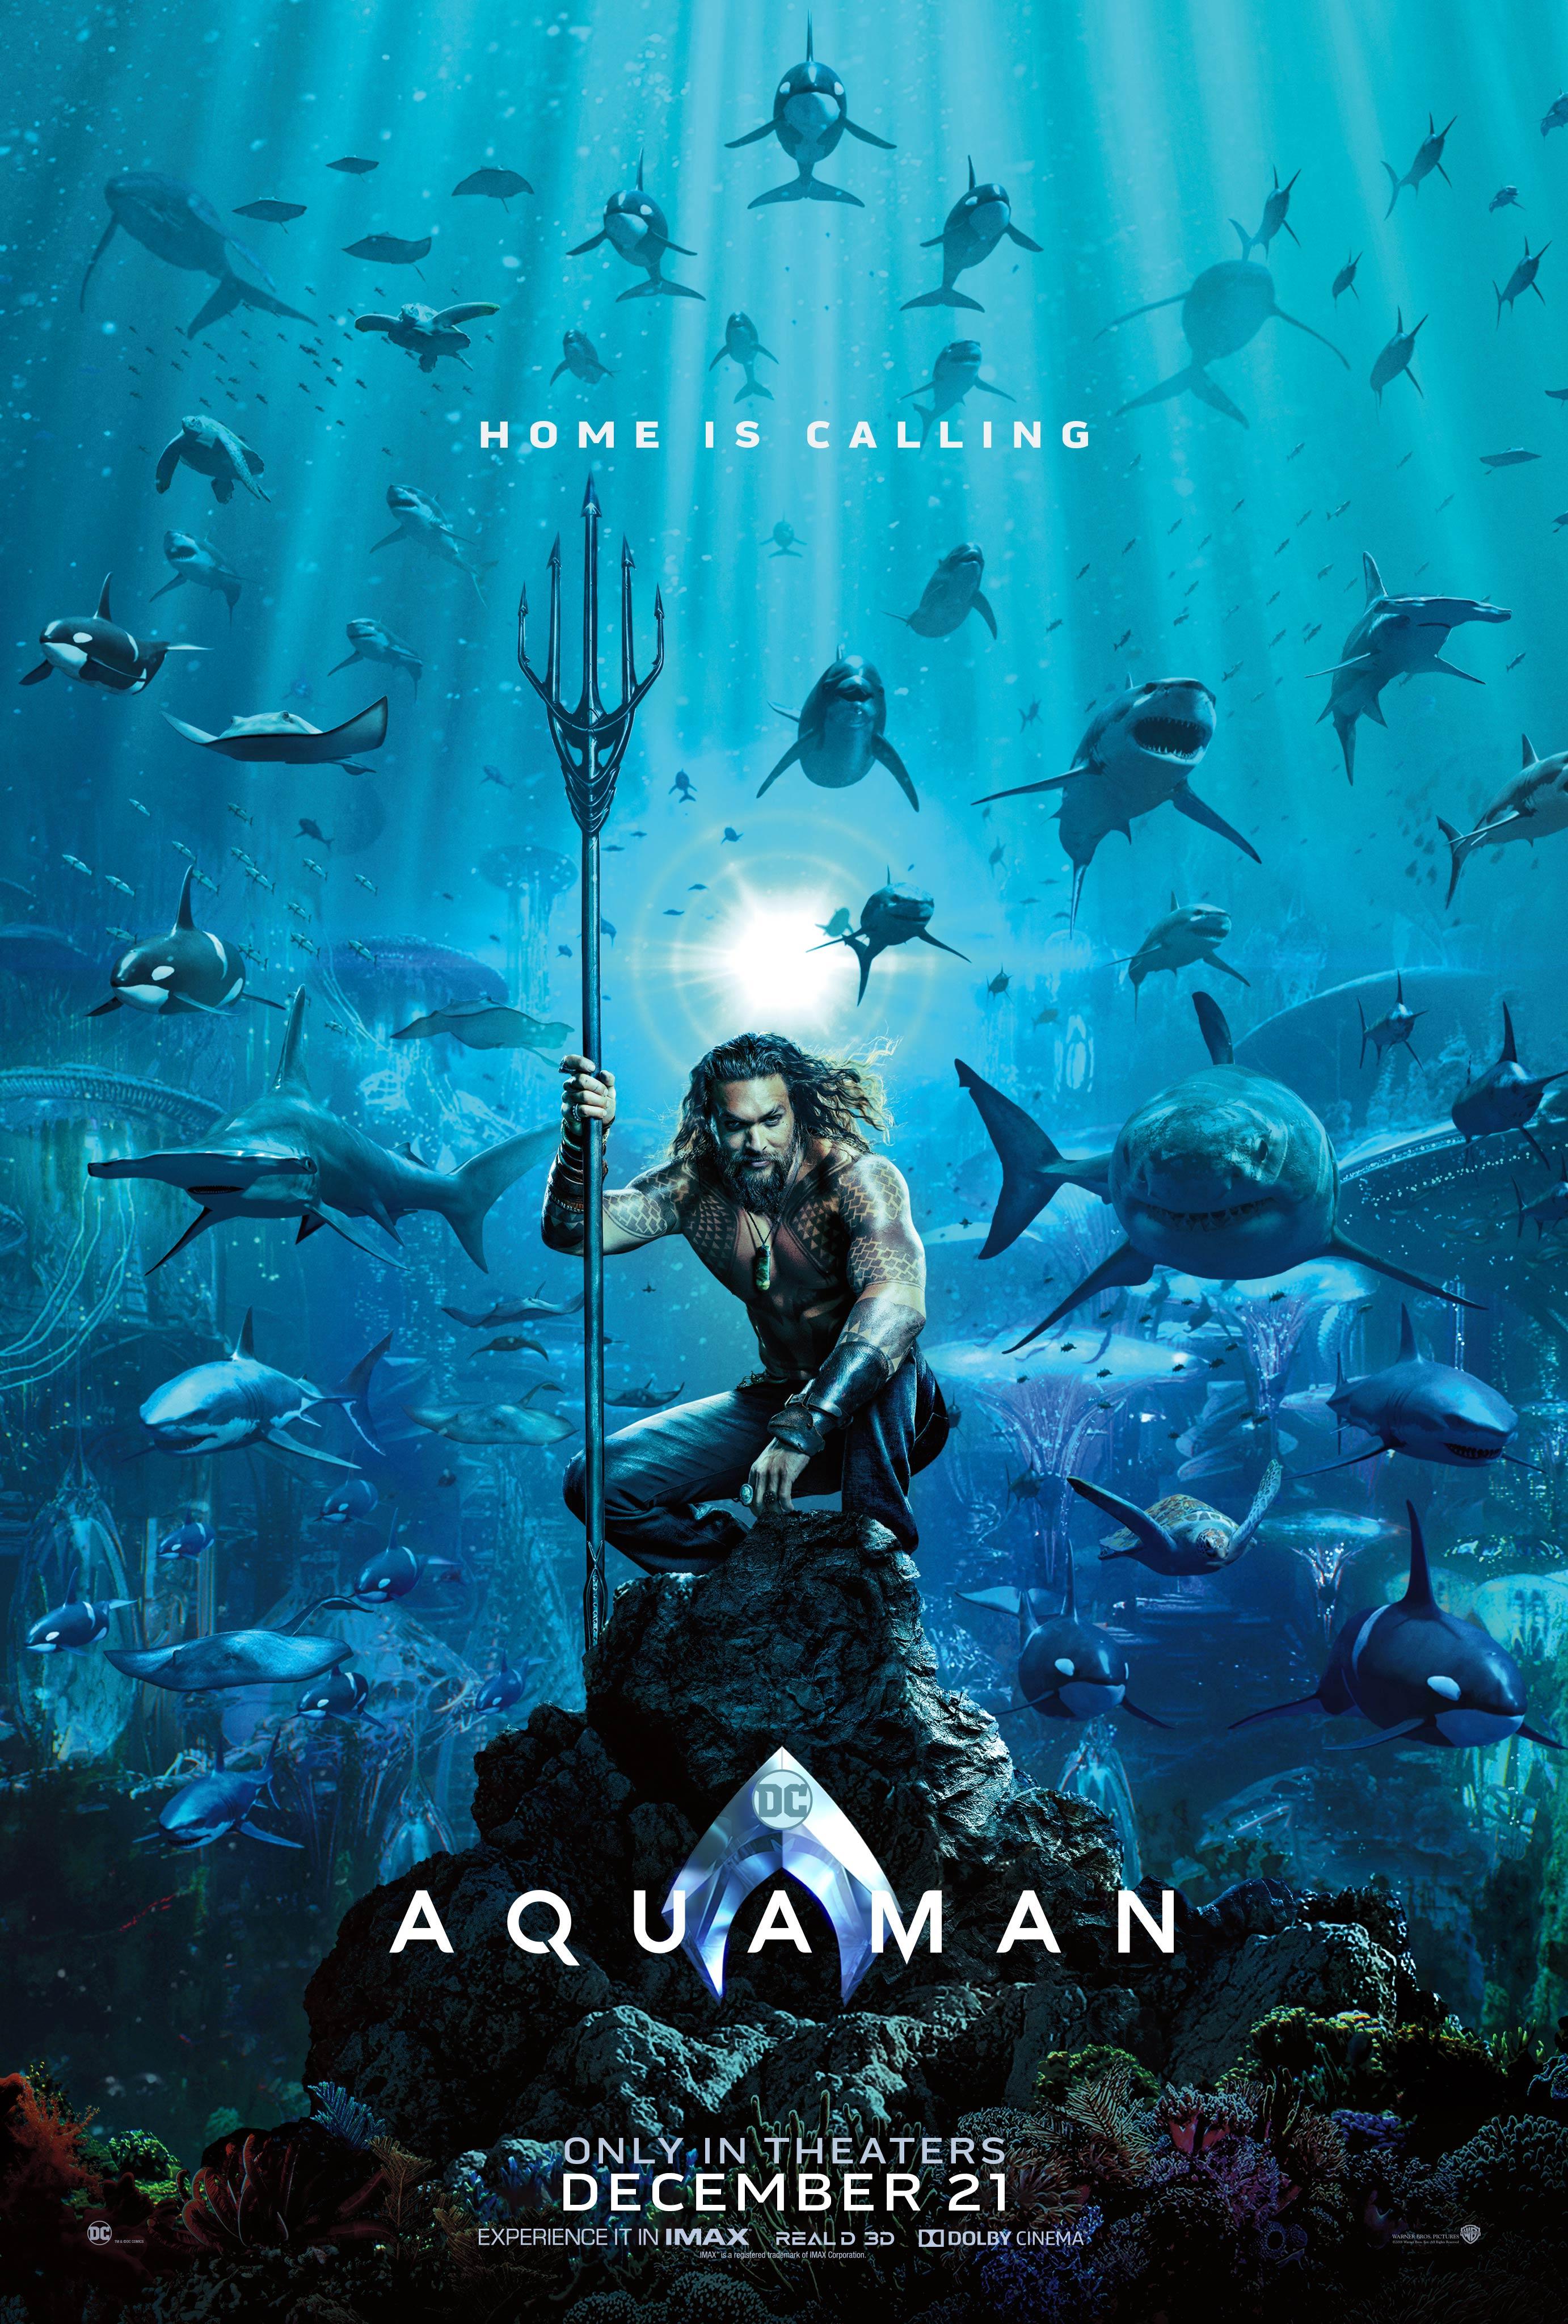 """8. Aquaman / """"Аквамен"""" – Комикси / Екшън; Режисьор: Джеймс Уан; Участват: Джейсън Момоа, Амбър Хърд, Уилям Дефо"""